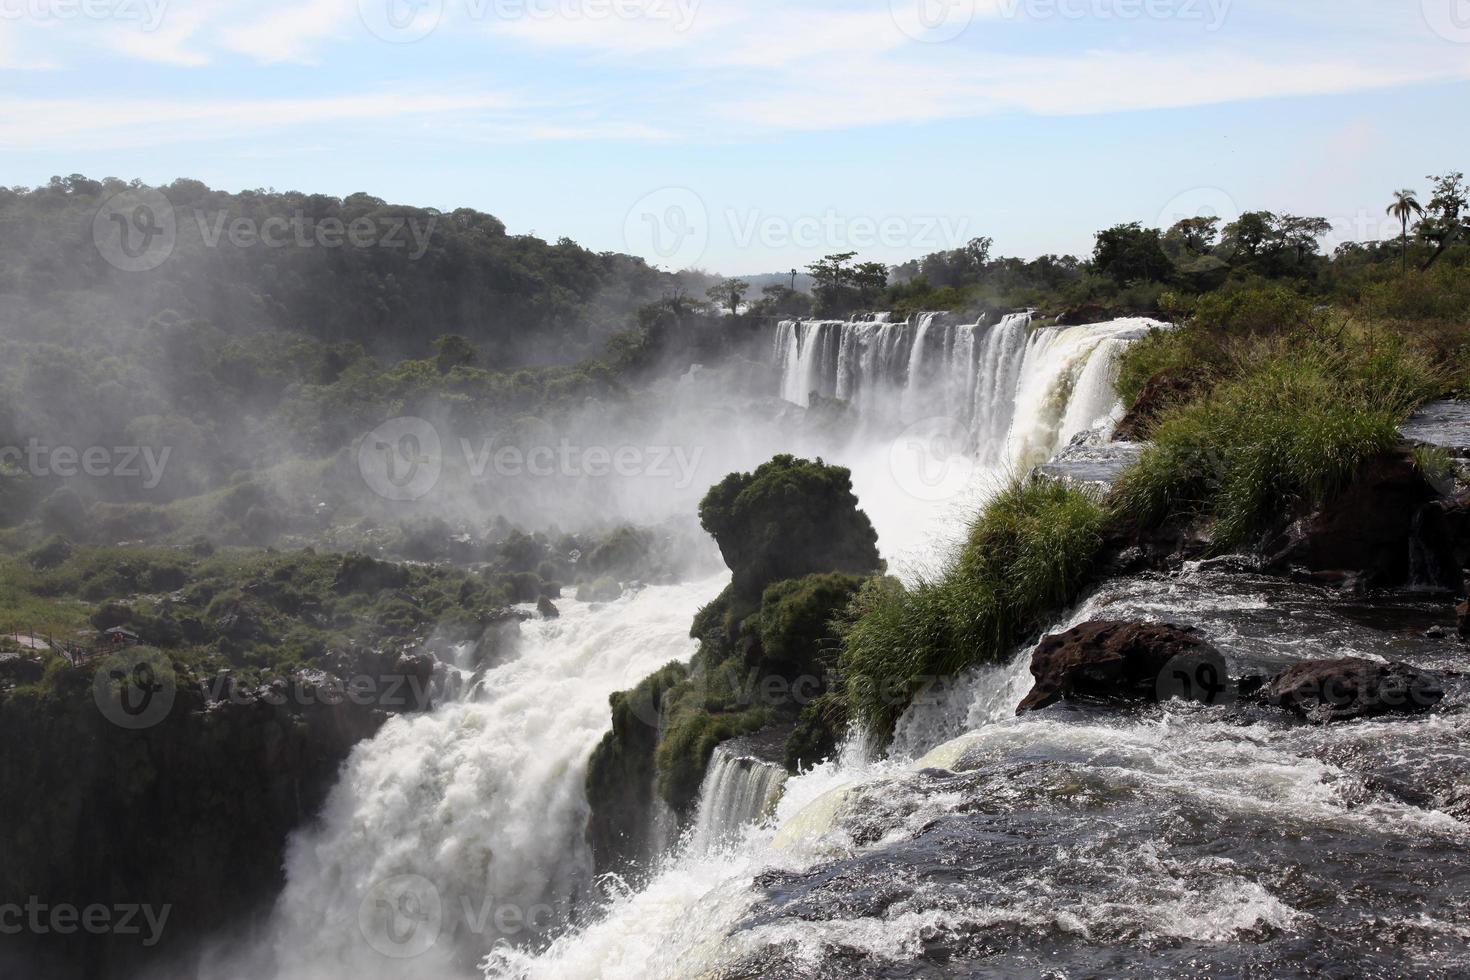 Iguazu Falls, Argentina Side photo